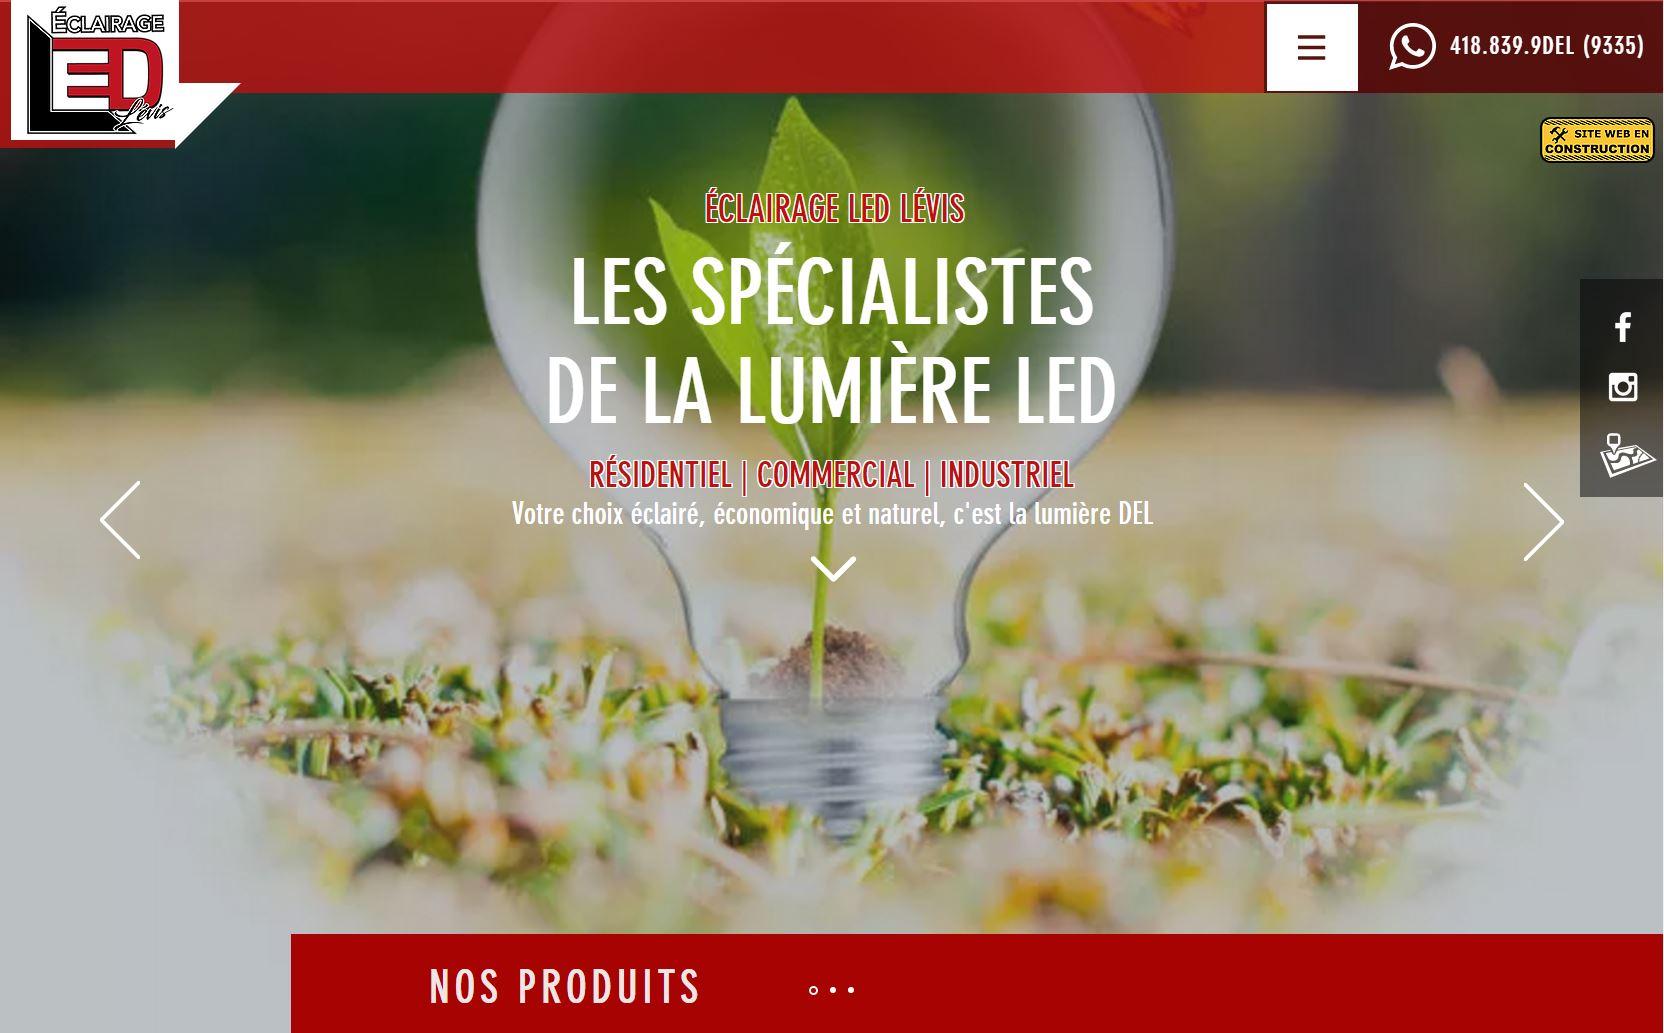 Éclairage LED Lévis